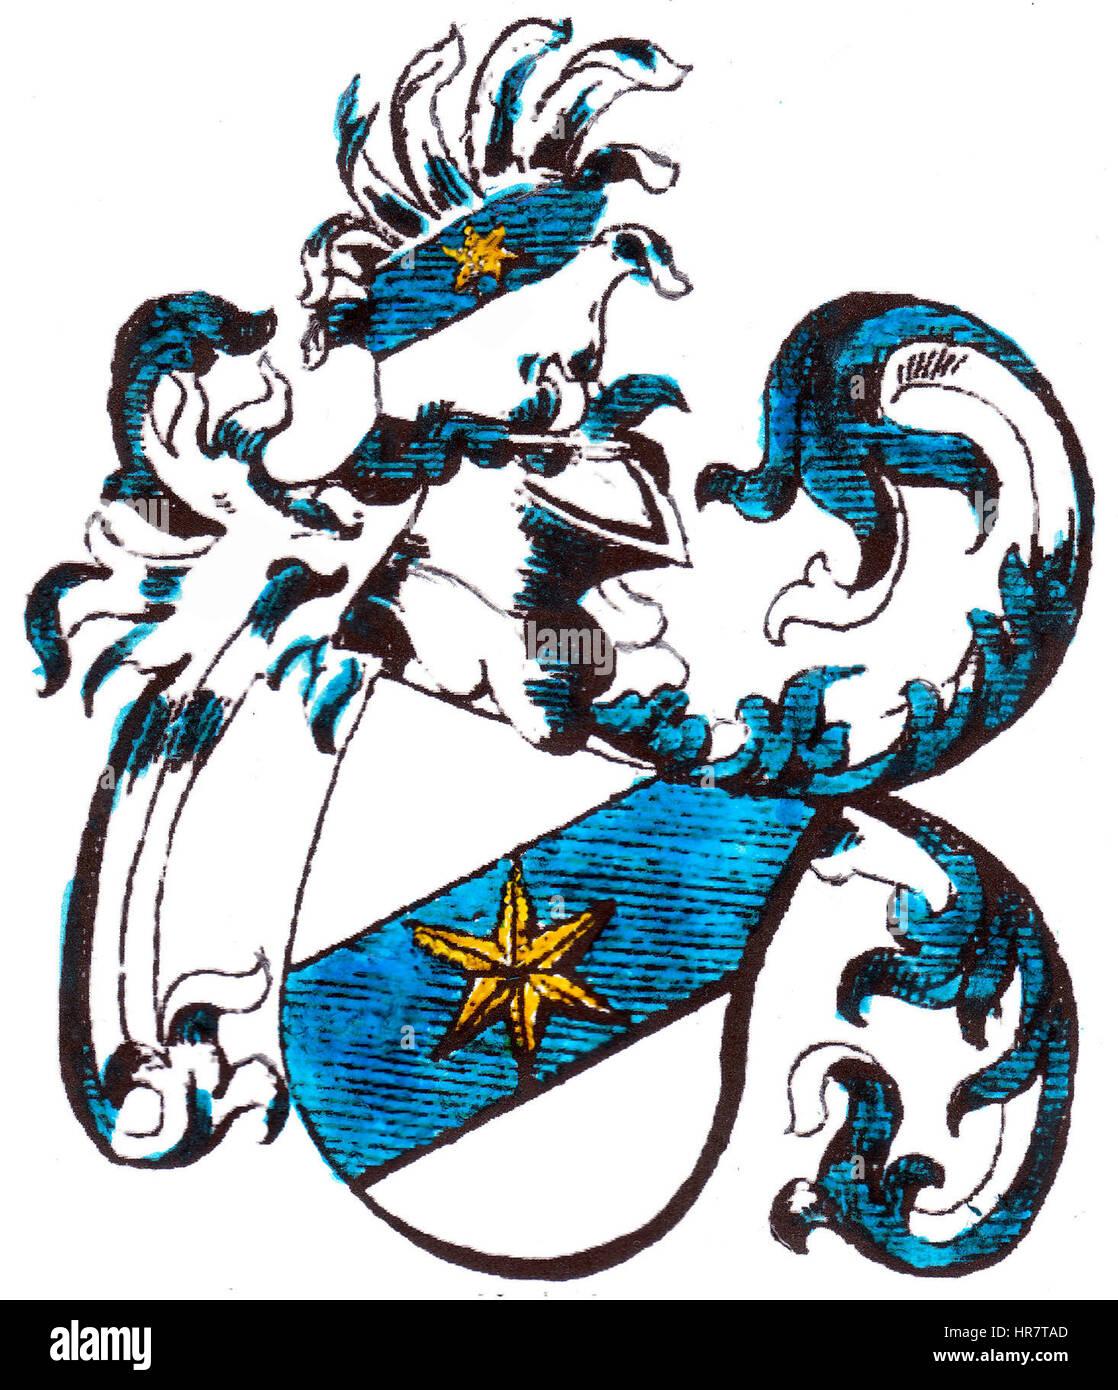 Stammwappen der Alberti von Enno vor 1537 - Stock Image